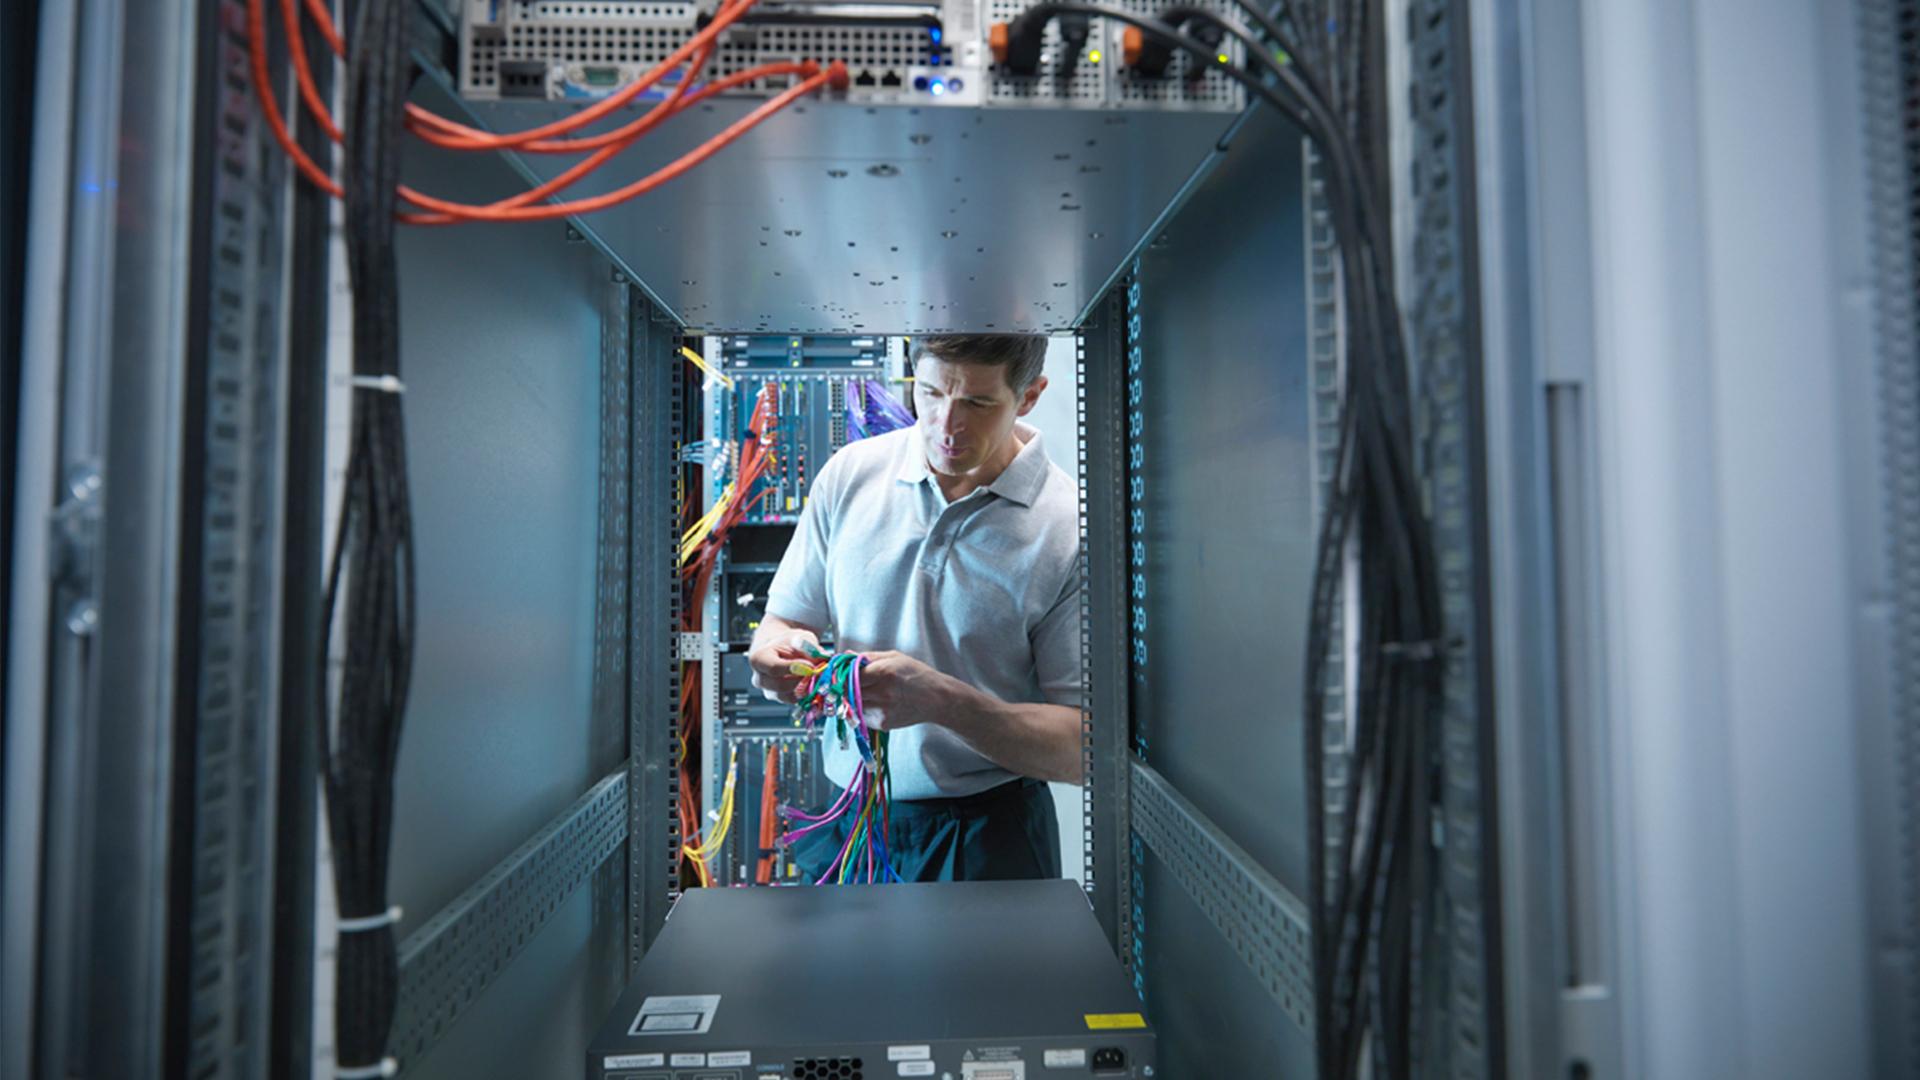 Energy, Data & Telecom